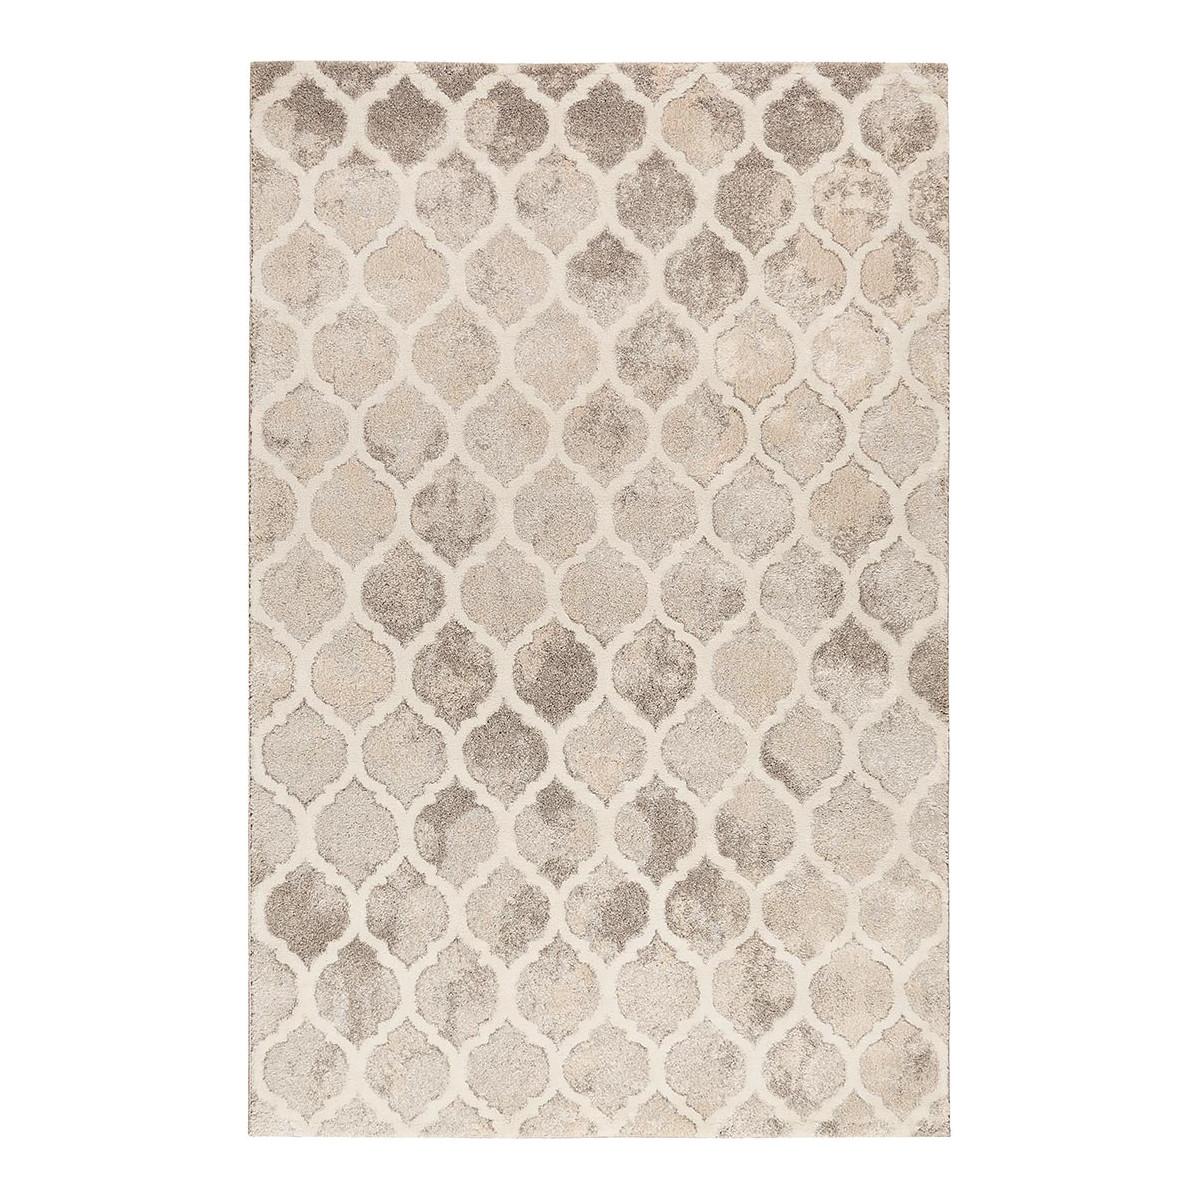 Tapis géométrique design en polypropylène gris 80x150